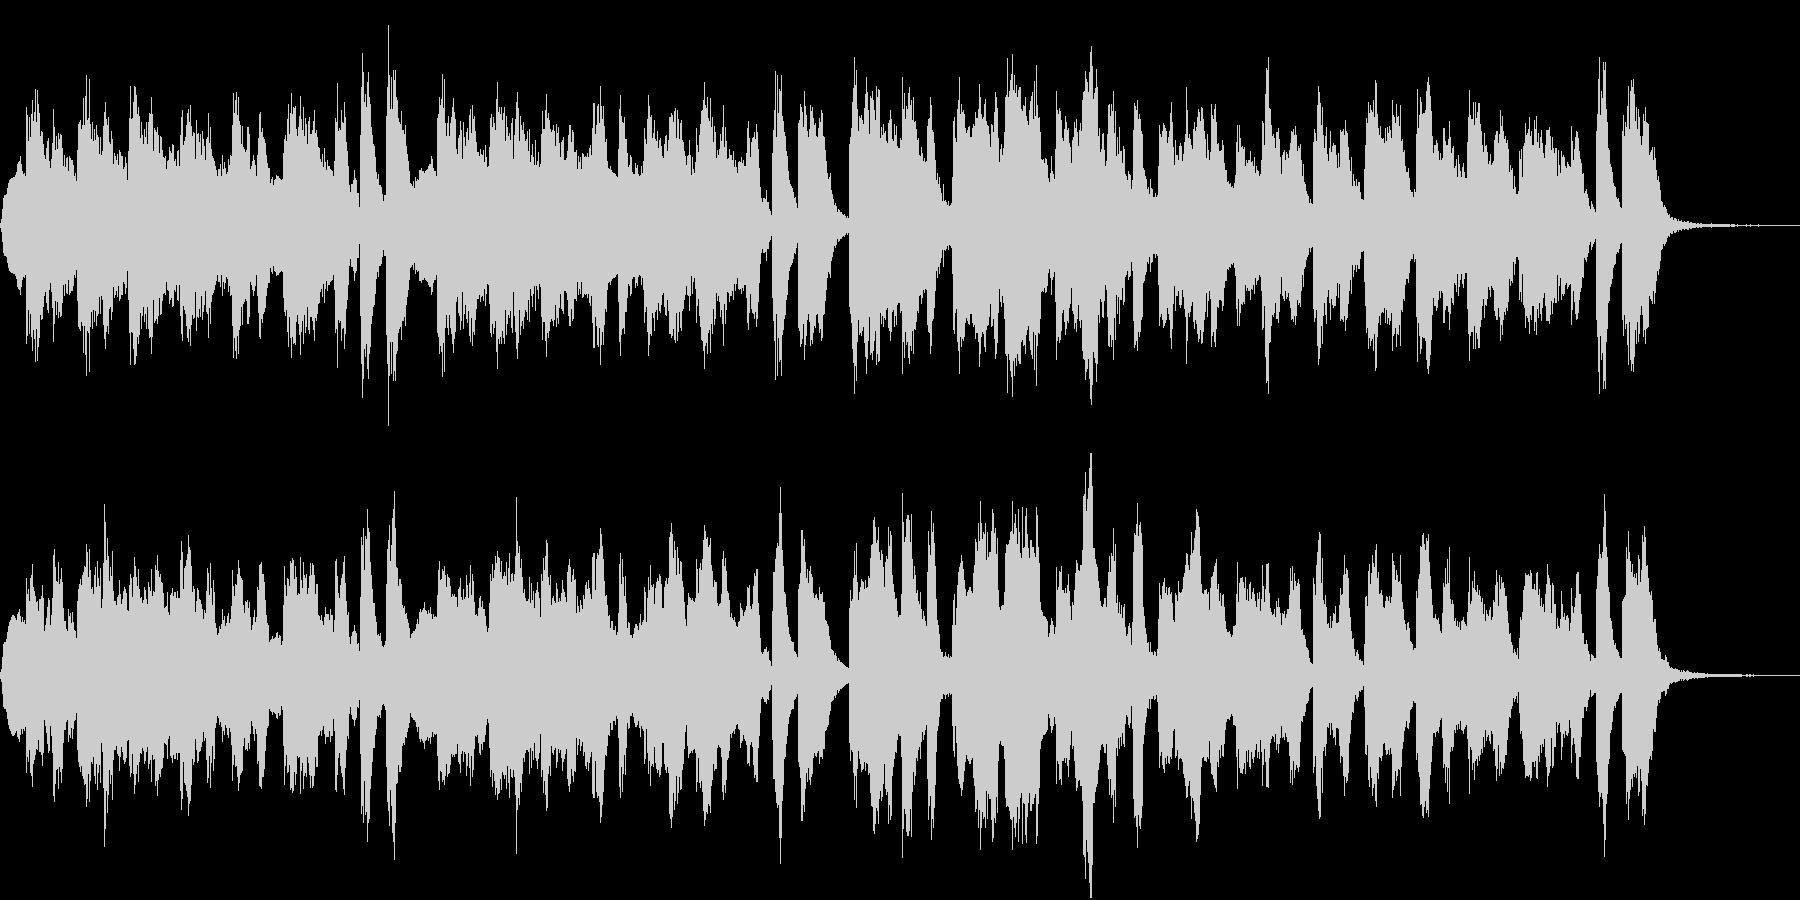 七面鳥の曲のシンセ編曲。楽しいBGMの未再生の波形